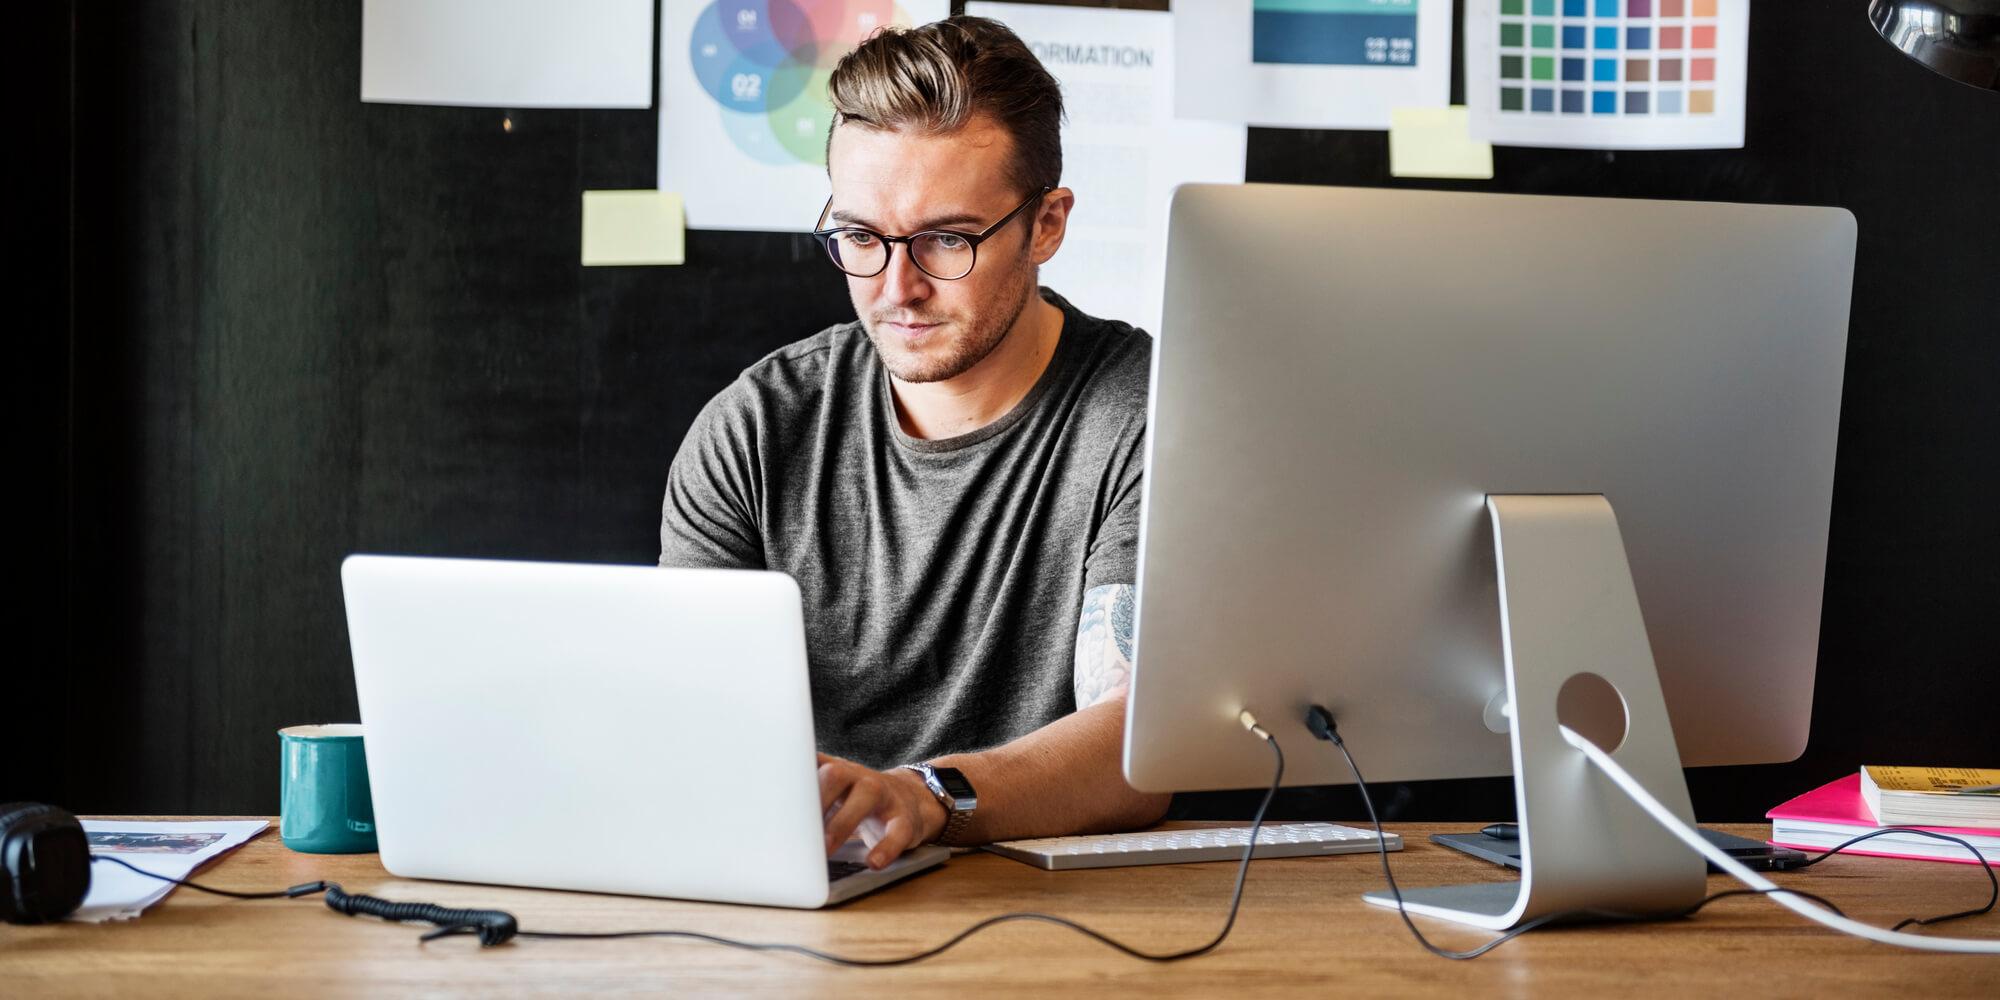 Homem-trabalhando-computador-administrando-no-escritório-pequeno-negócio-empresa-administração-financeira-crescimento-lucro-empresa